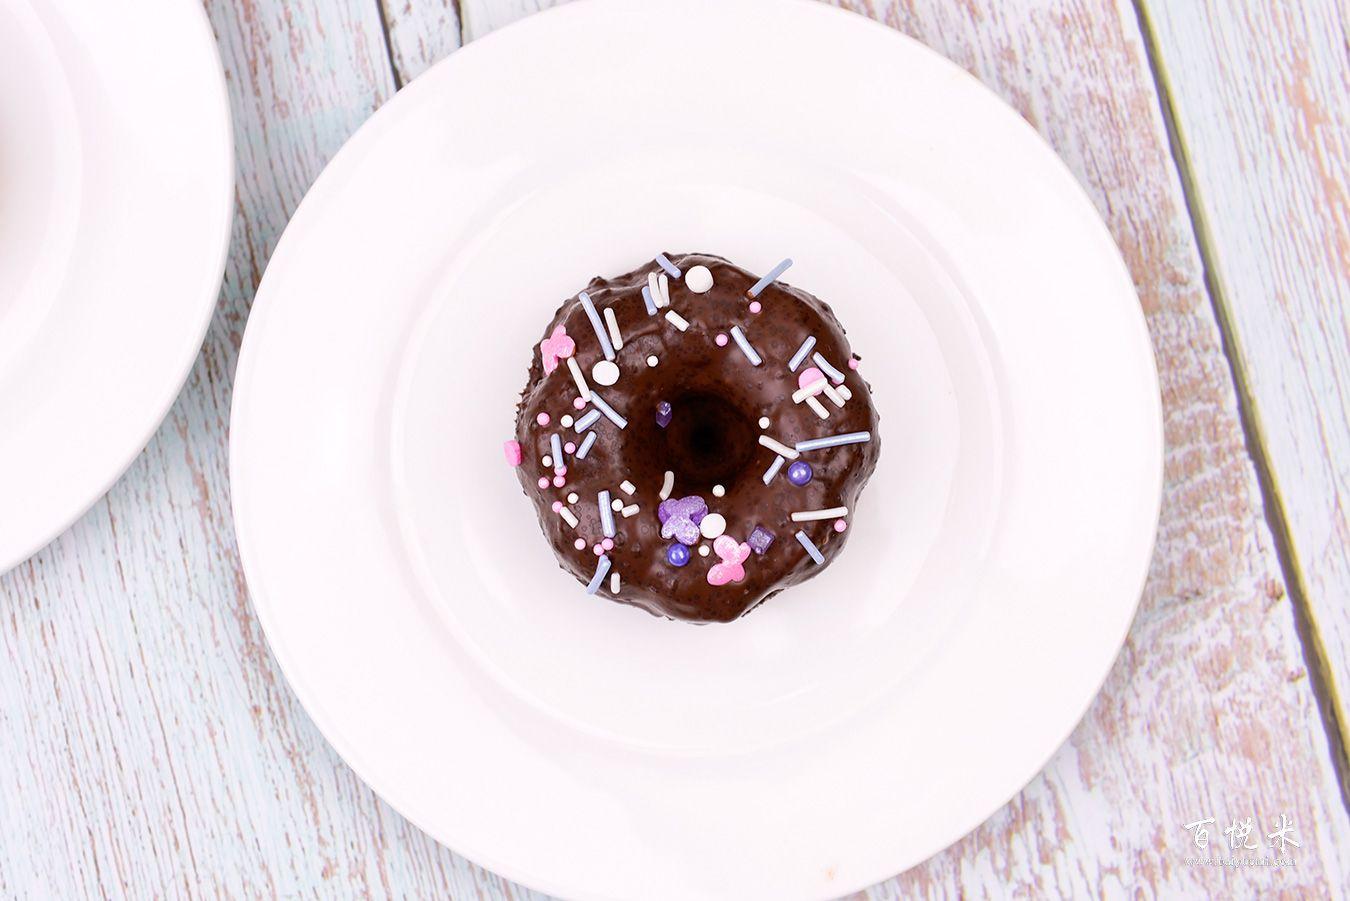 甜甜圈高清图片大全【蛋糕图片】_653